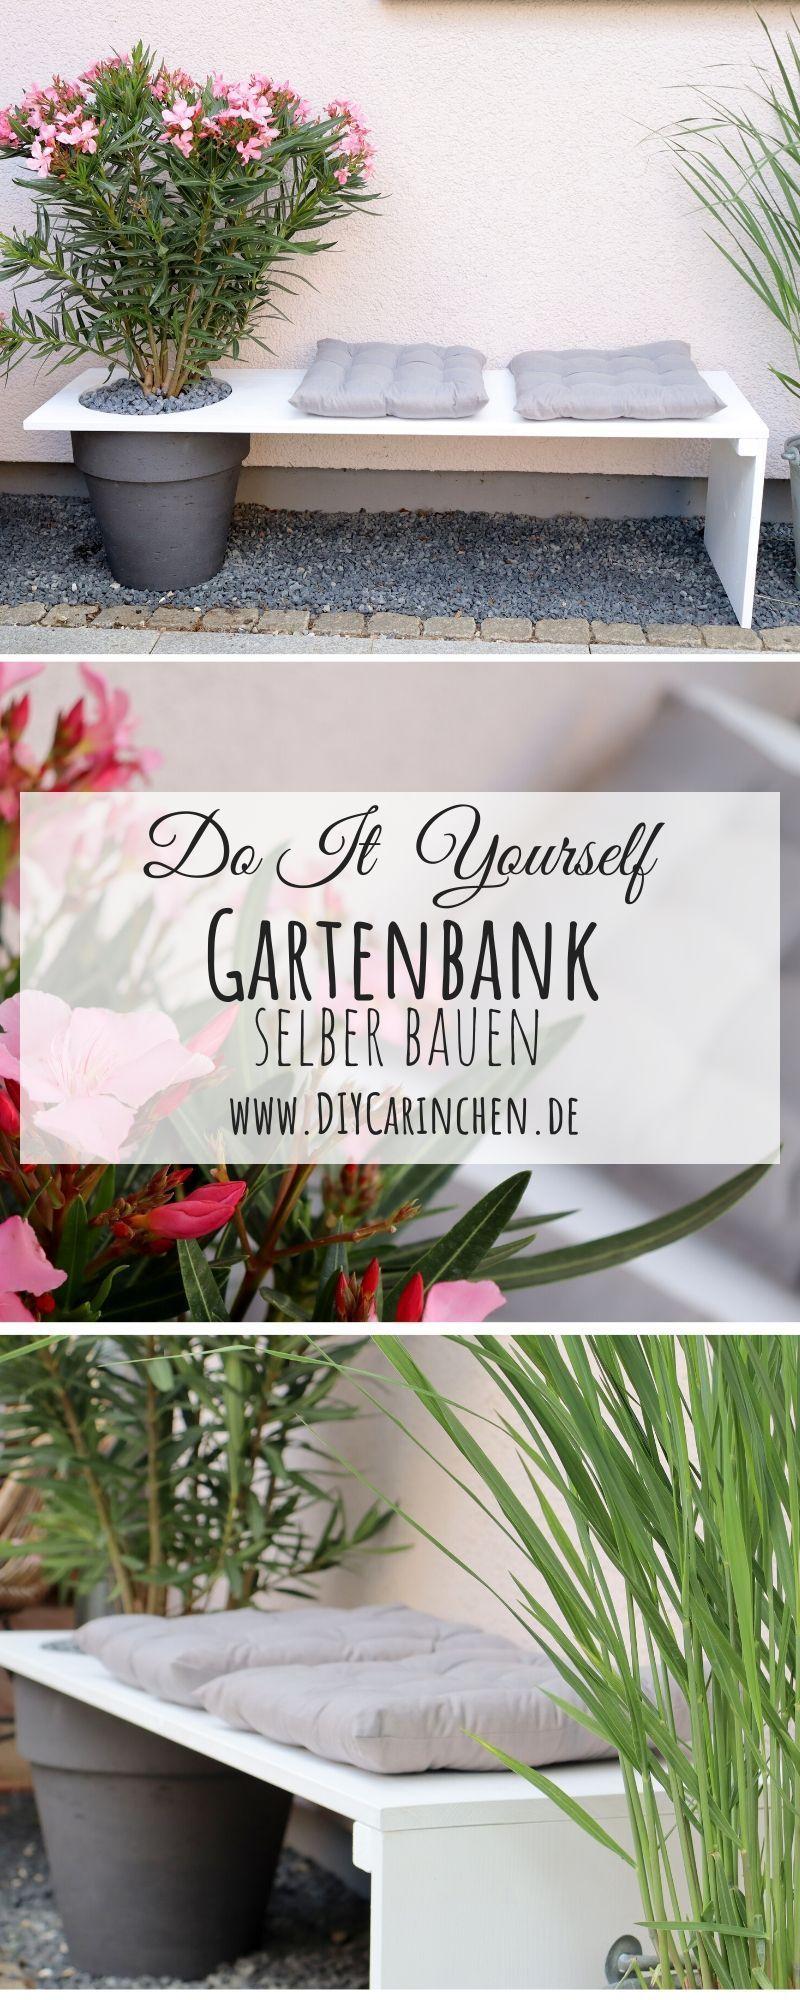 Diy Gartenbank Mit Integriertem Blumentopf Selber Bauen Anleitung Diy Basteln Selbermachen In 2020 Selber Bauen Anleitung Selber Bauen Gartenbank Selber Bauen